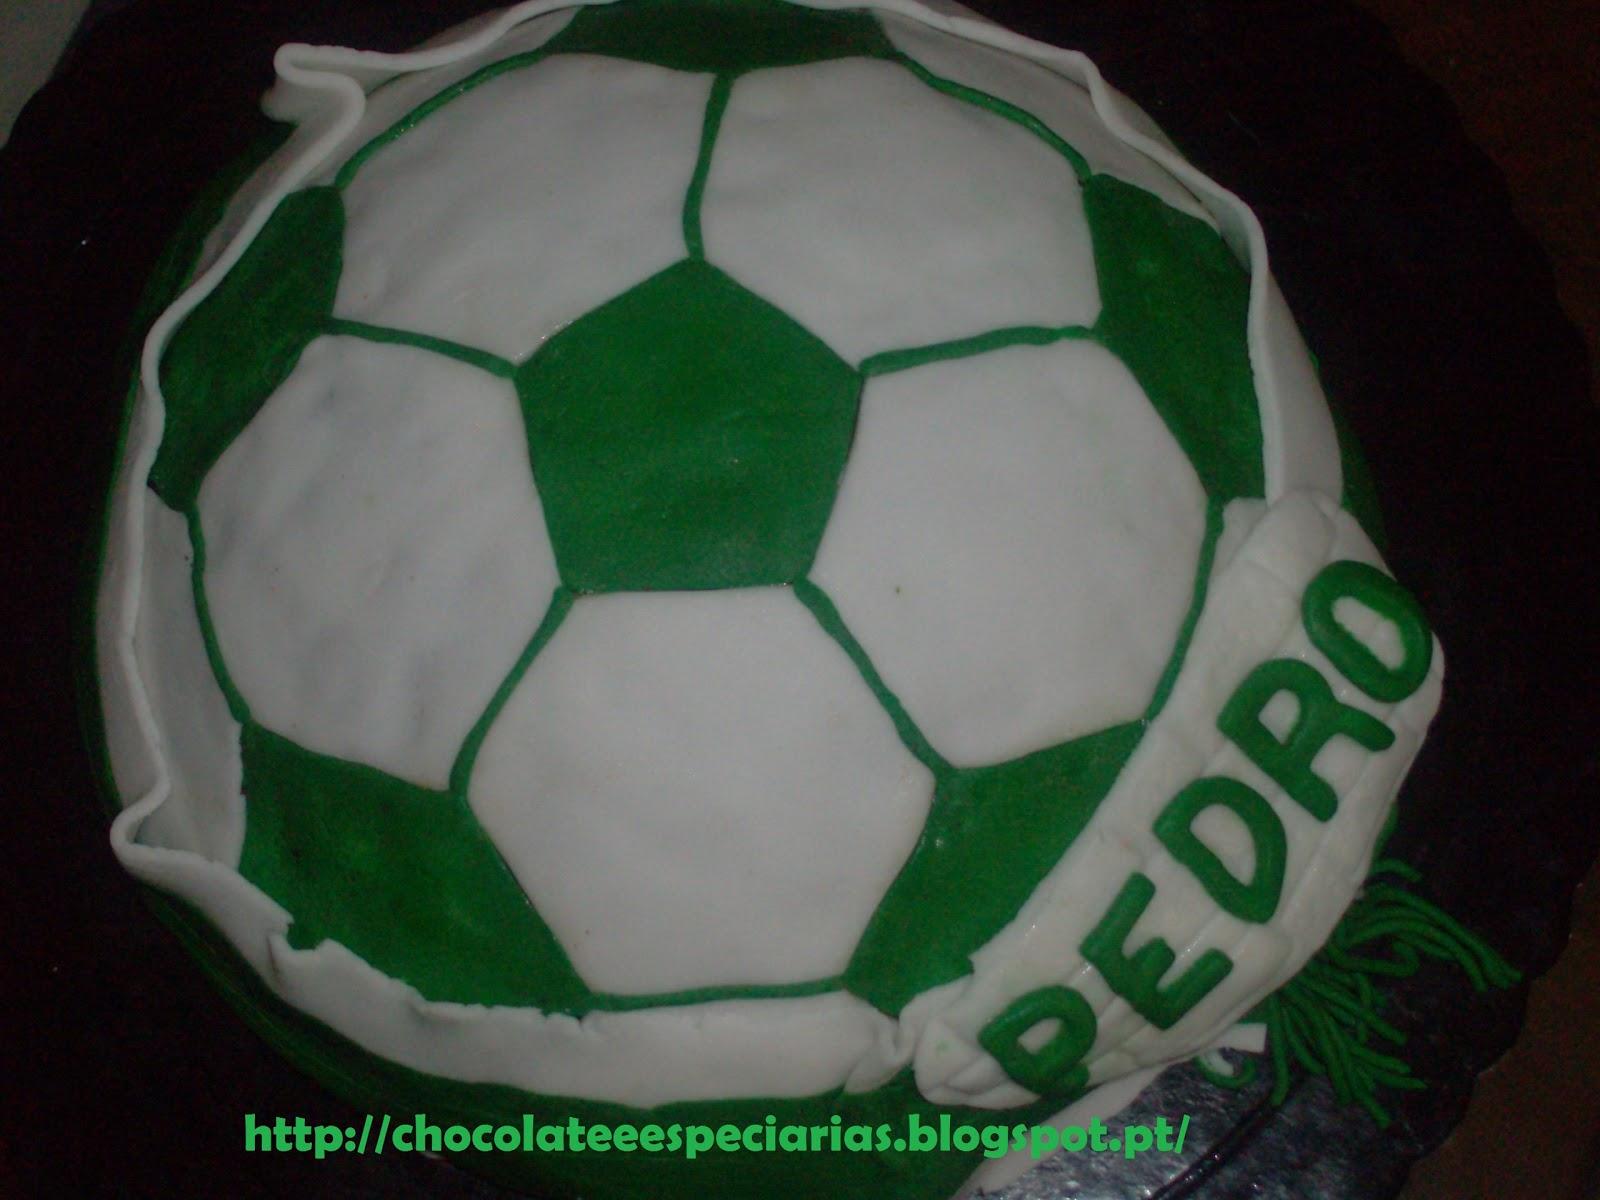 76110e2f95725 A mãe do Pedro resolveu fazer-lhe uma surpresa e pediu-me para fazer um bolo  bola de futebol. Como o Pedro é do Sporting e adora chocolate